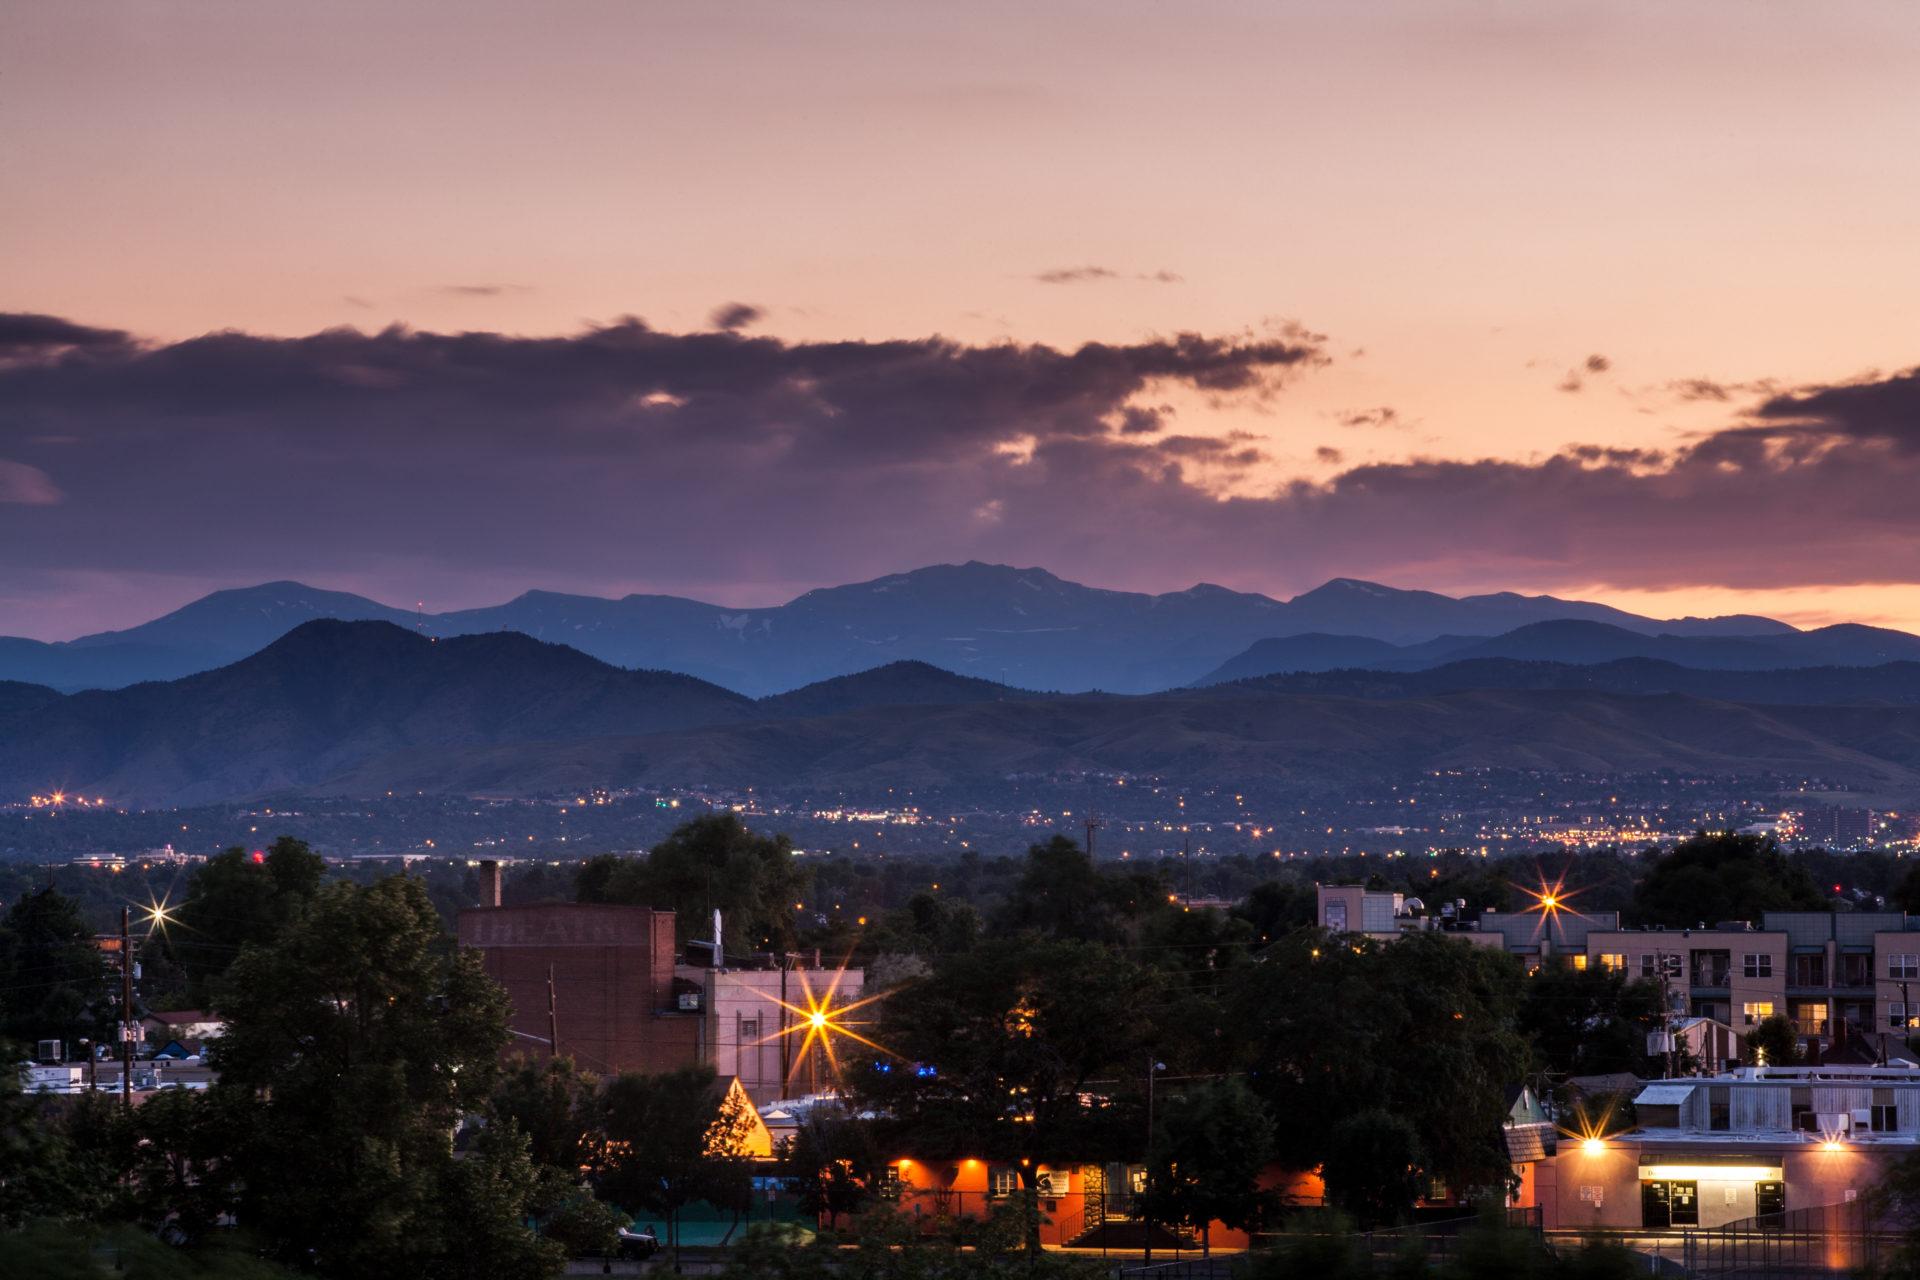 Mount Evans sunset - July 23, 2011